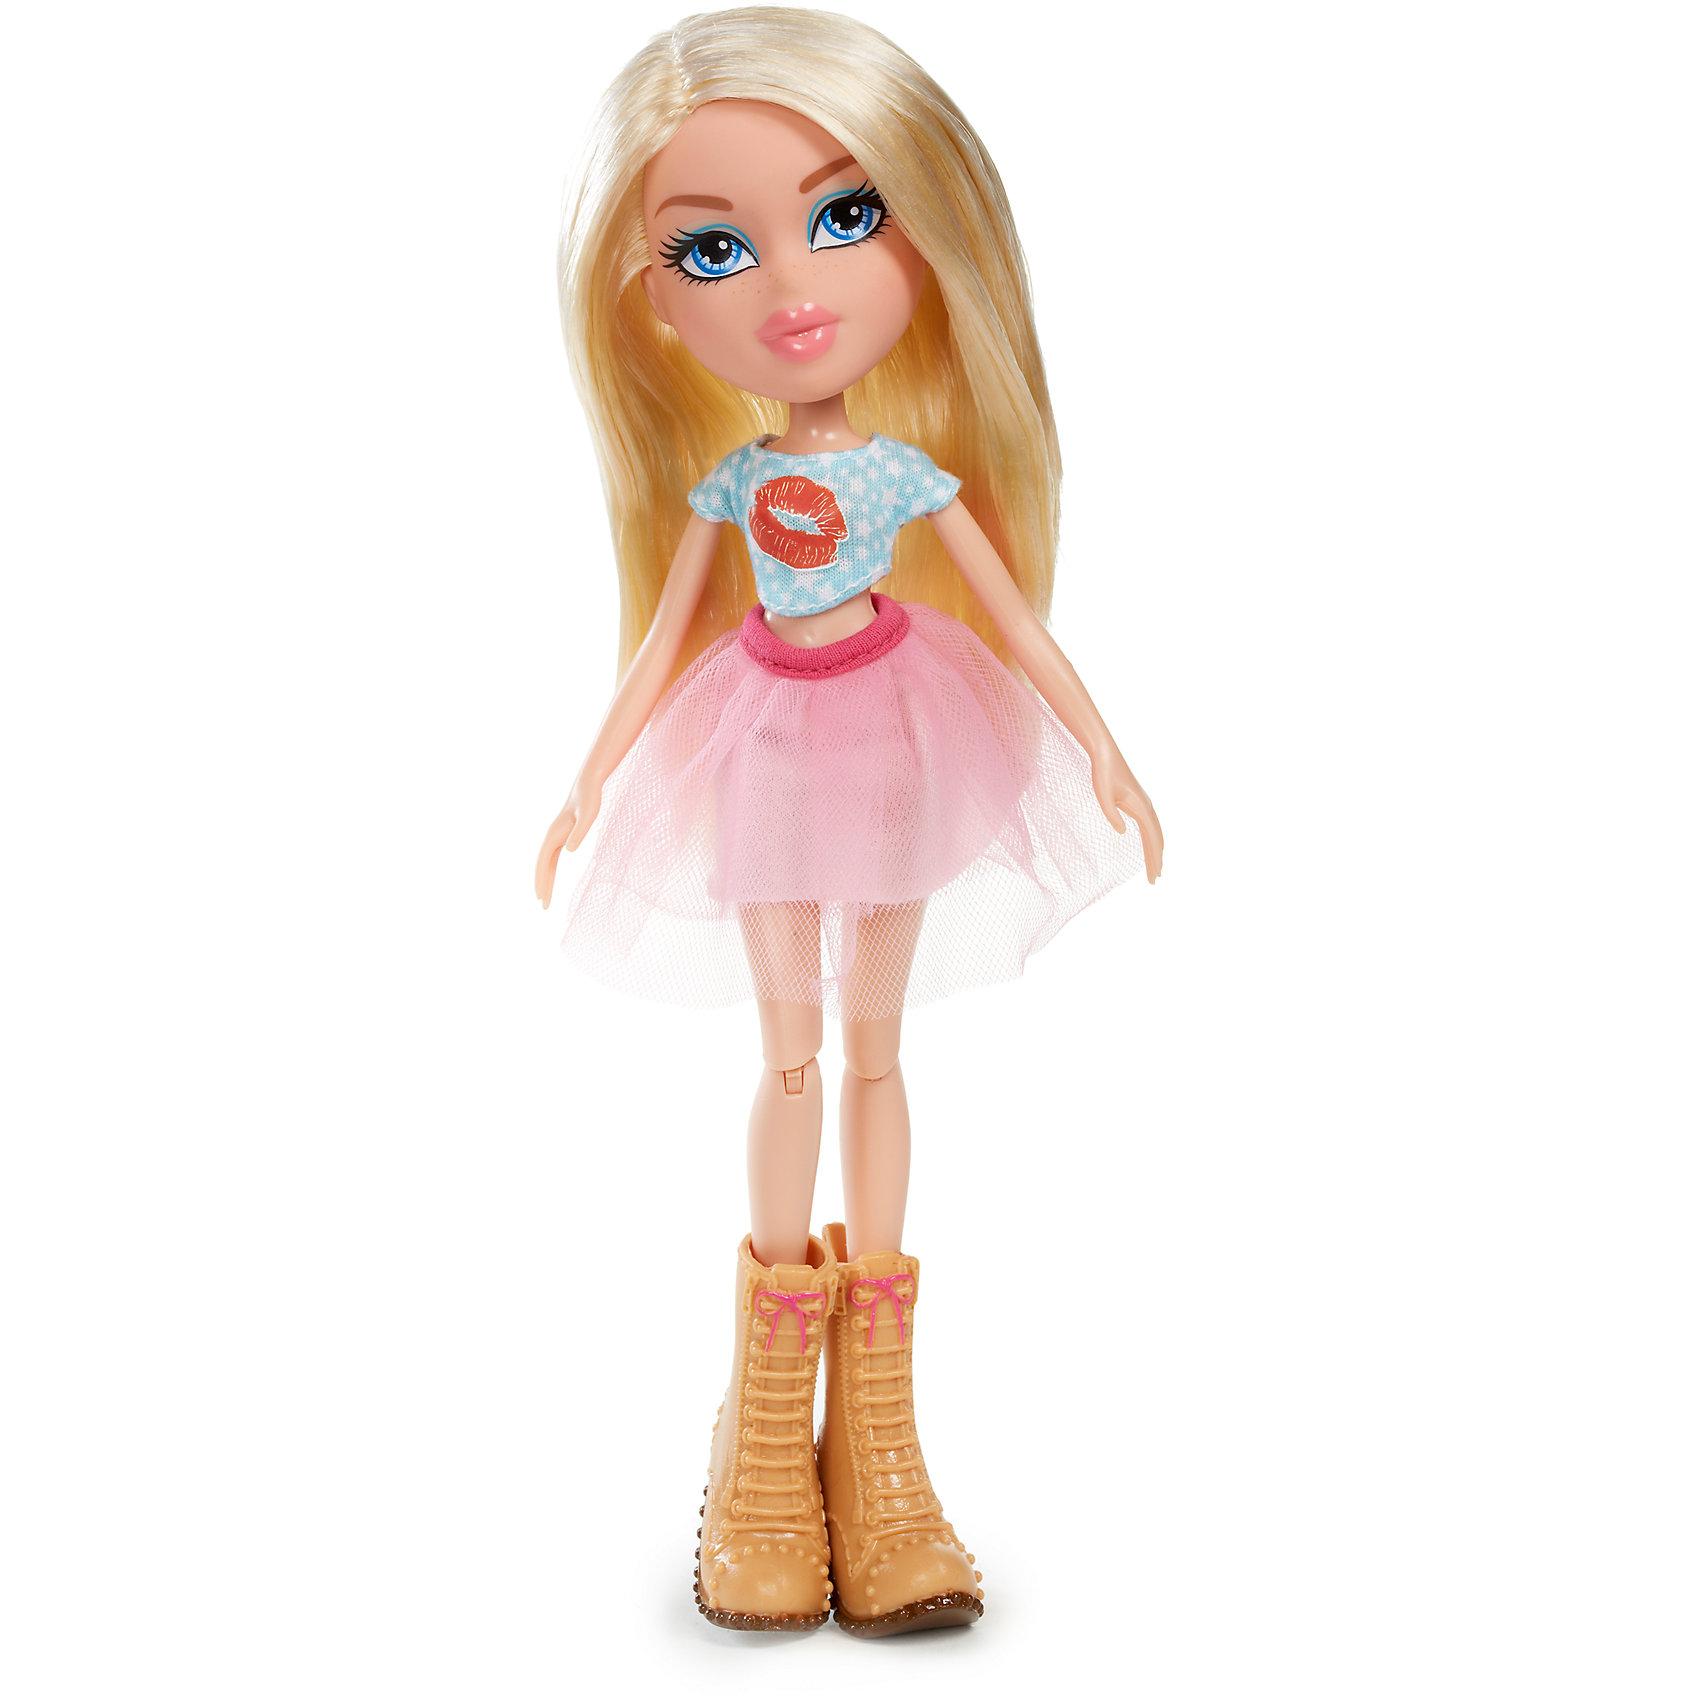 Кукла делюкс Хлоя, Диджей, BratzХарактеристики товара:<br><br>- цвет: разноцветный;<br>- материал: пластик;<br>- подвижные части тела;<br>- комплектация: кукла, аксессуары;<br>- размер упаковки: 15х6х30 см.<br>- размер куклы: 27 см.<br><br>Эти симпатичные куклы диджеи-Bratz от известного бренда не оставят девочку равнодушной! Какая девочка сможет отказаться поиграть с куклами, которым можно менять образ благодаря набору аксессуаров?! В комплект входит одежда и аксессуары для куклы-диджея. Игрушка очень качественно выполнена, поэтому она станет замечательным подарком ребенку. <br>Продается набор в красивой удобной упаковке. Изделие произведено из высококачественного материала, безопасного для детей.<br><br>Куклу делюкс Хлоя, Диджей, от бренда Bratz можно купить в нашем интернет-магазине.<br><br>Ширина мм: 160<br>Глубина мм: 310<br>Высота мм: 70<br>Вес г: 4000<br>Возраст от месяцев: 72<br>Возраст до месяцев: 2147483647<br>Пол: Женский<br>Возраст: Детский<br>SKU: 5141874